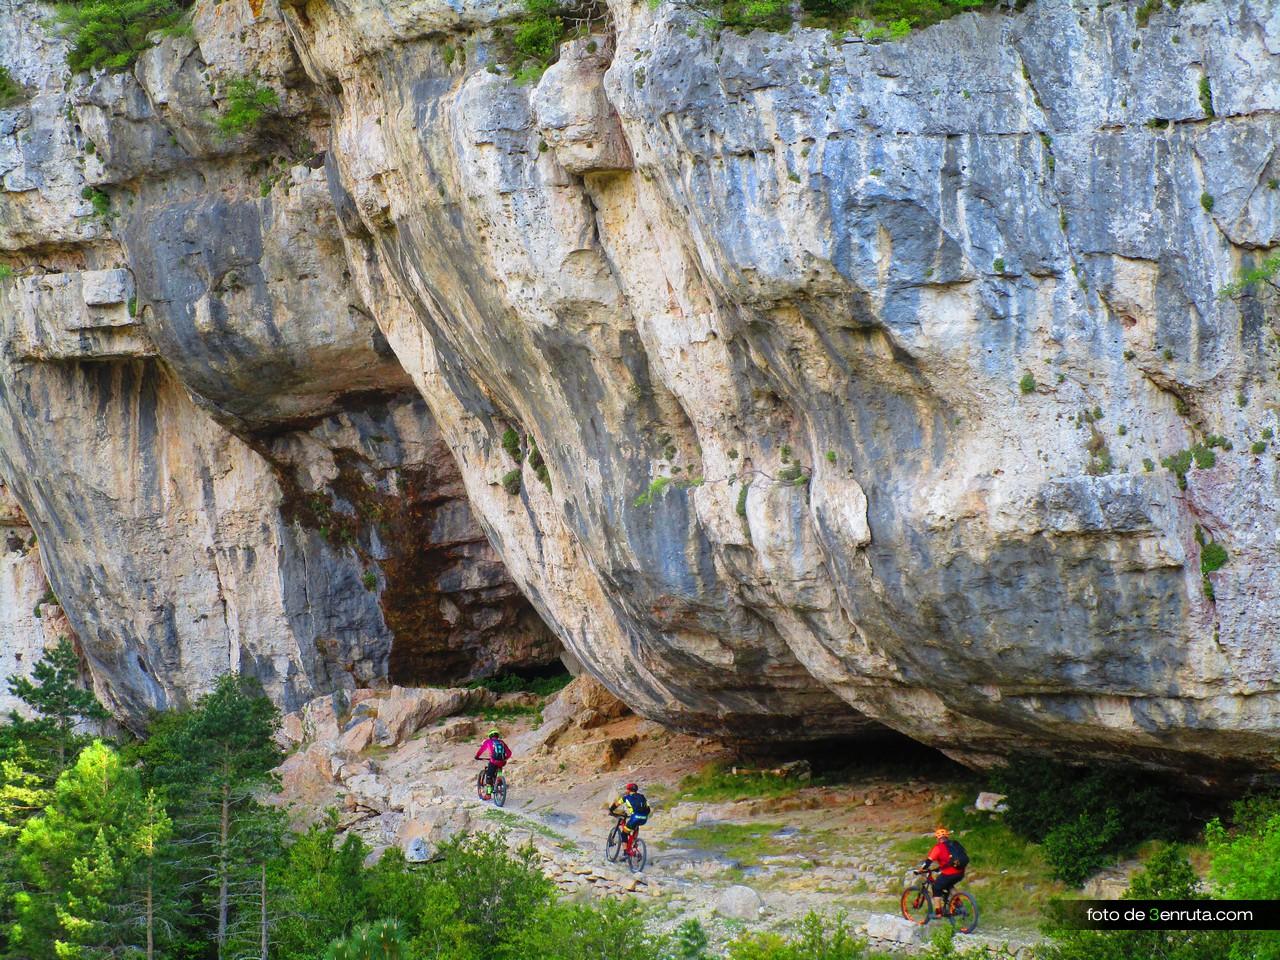 Seguimos el descenso por el sendero junto a unas colosales paredes de piedra